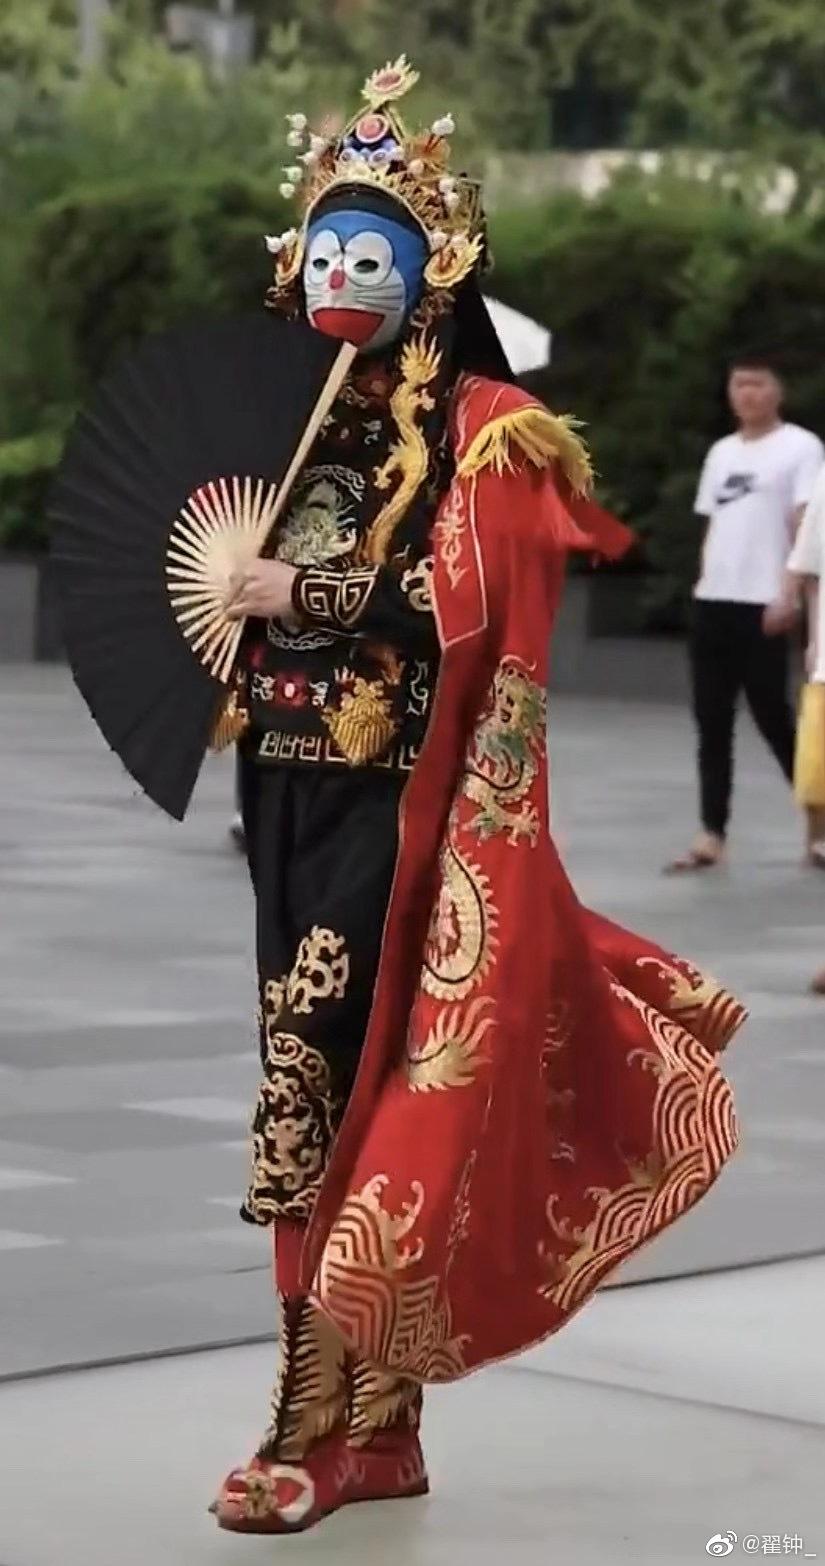 中国有个各路神仙聚集的地方,叫成都太古里 图文来源于刘宇